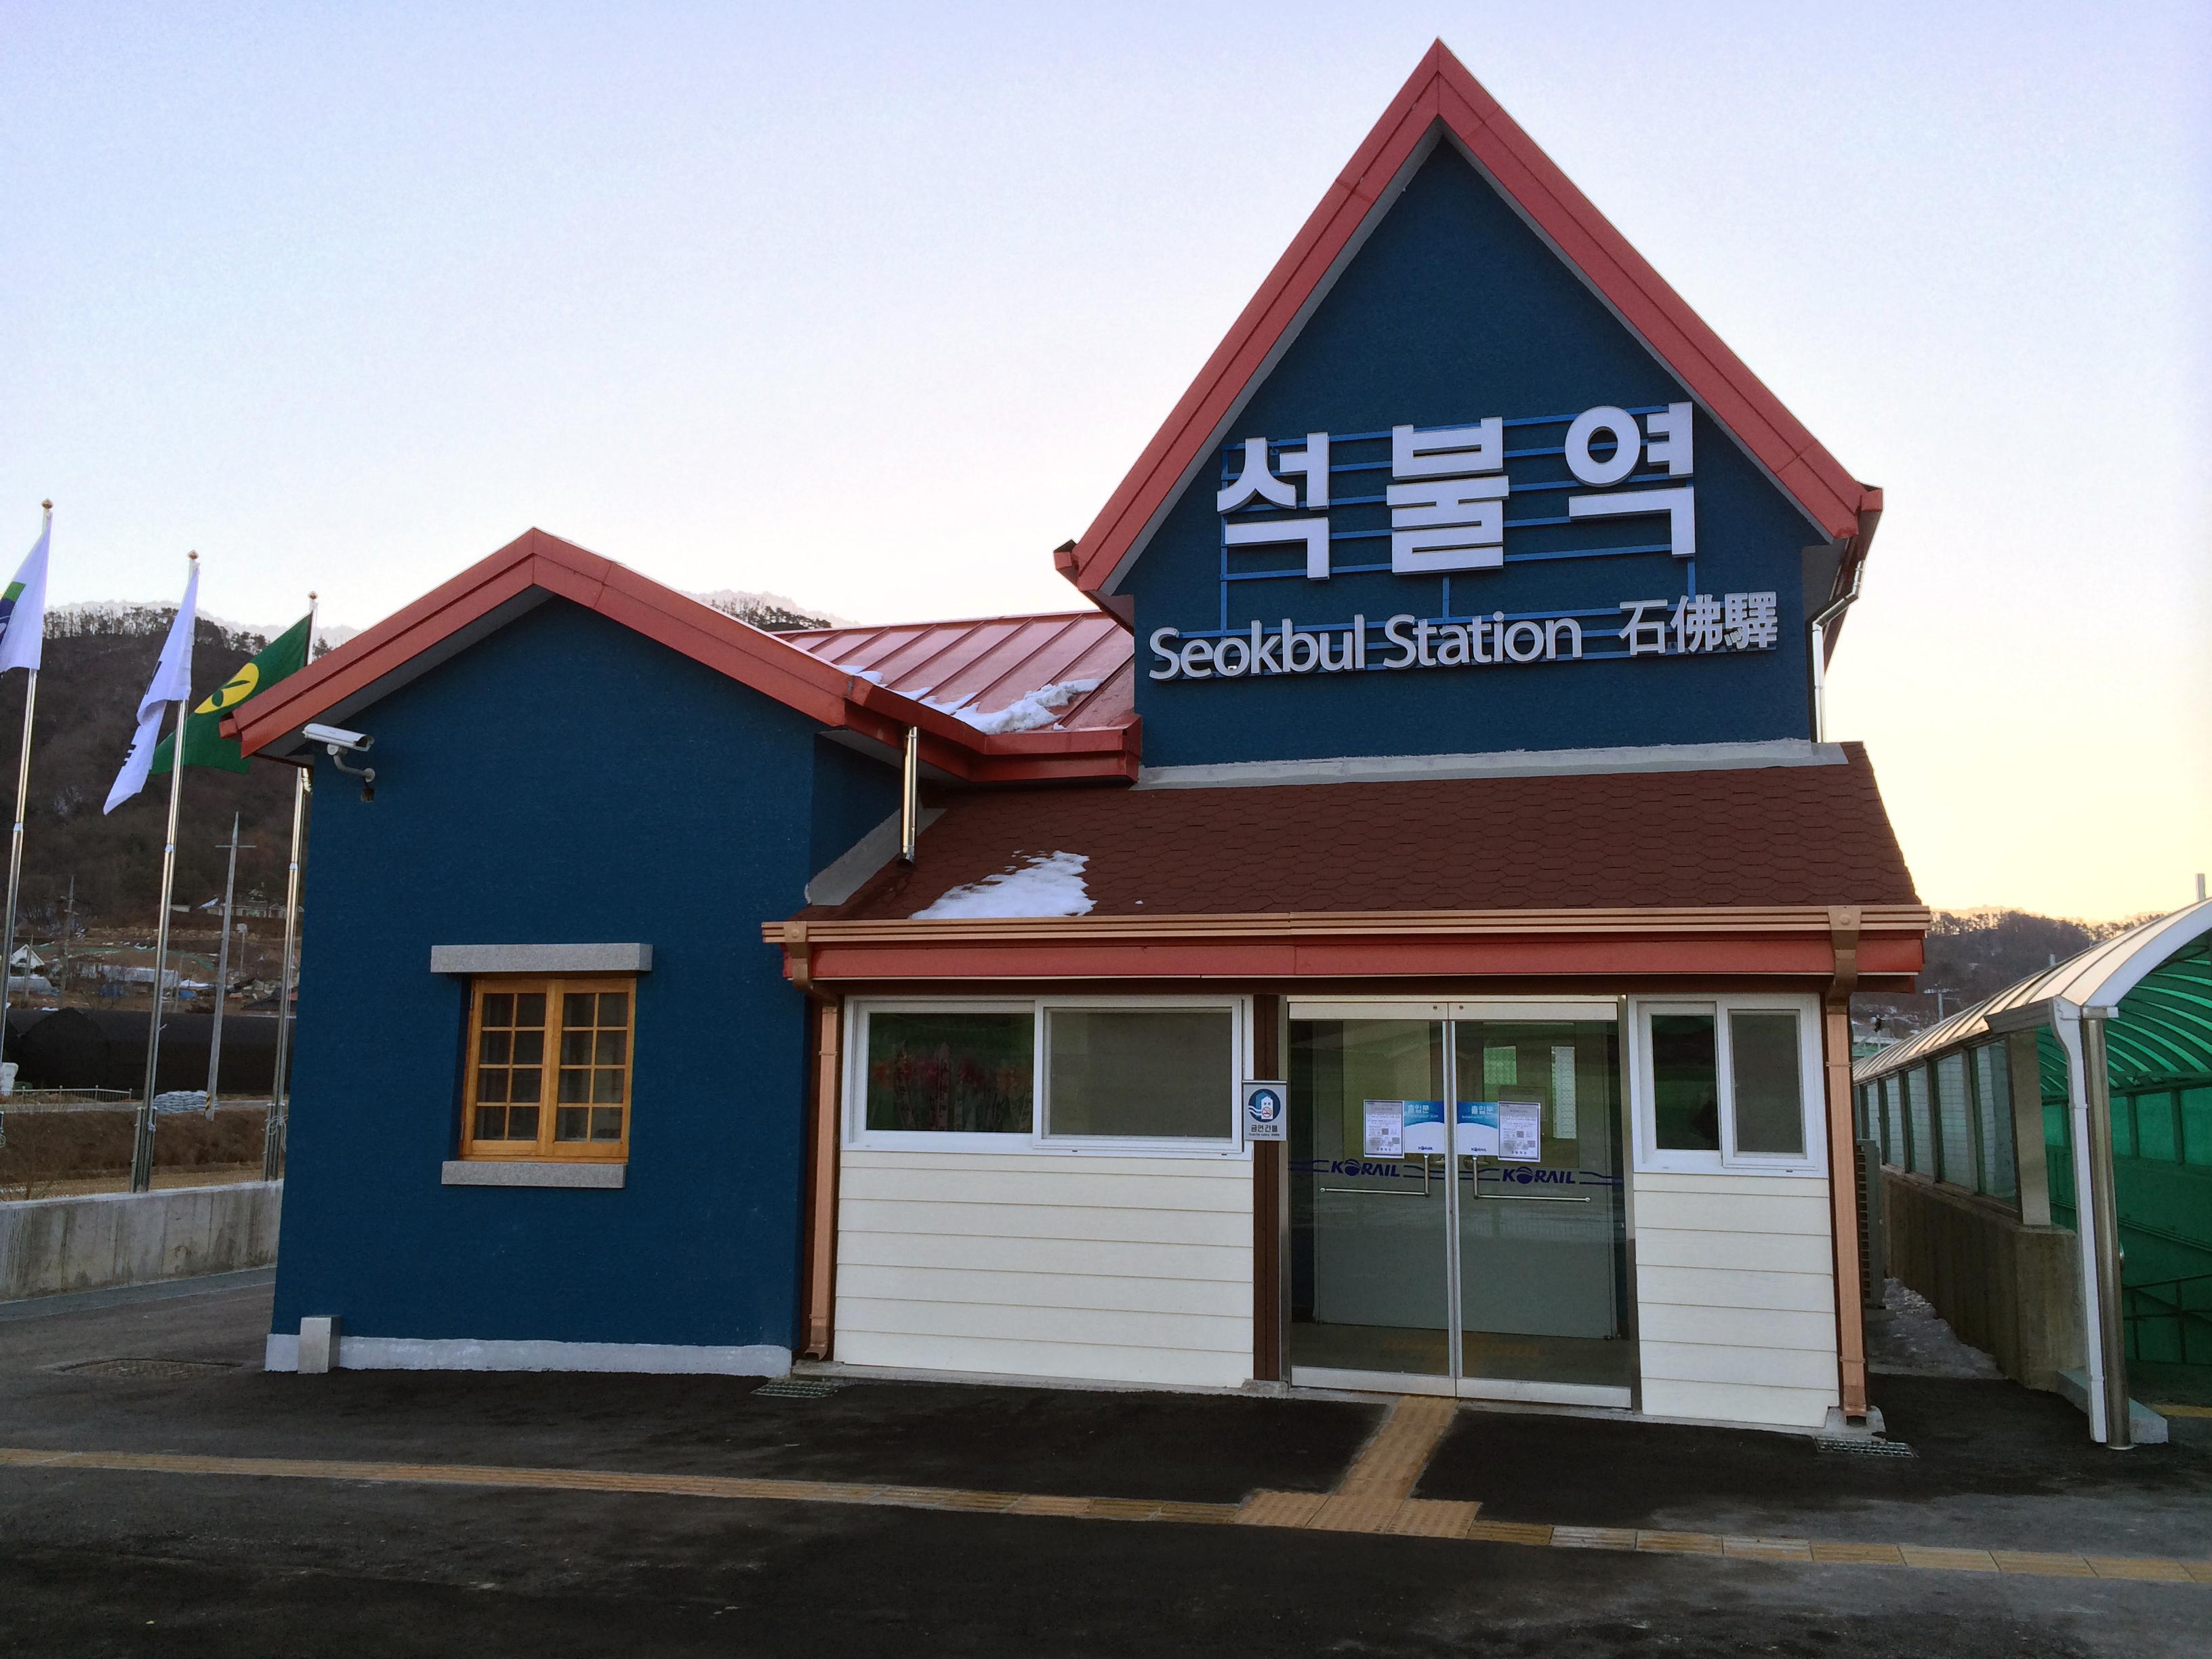 Seokbul Station 20140109 075929.jpg